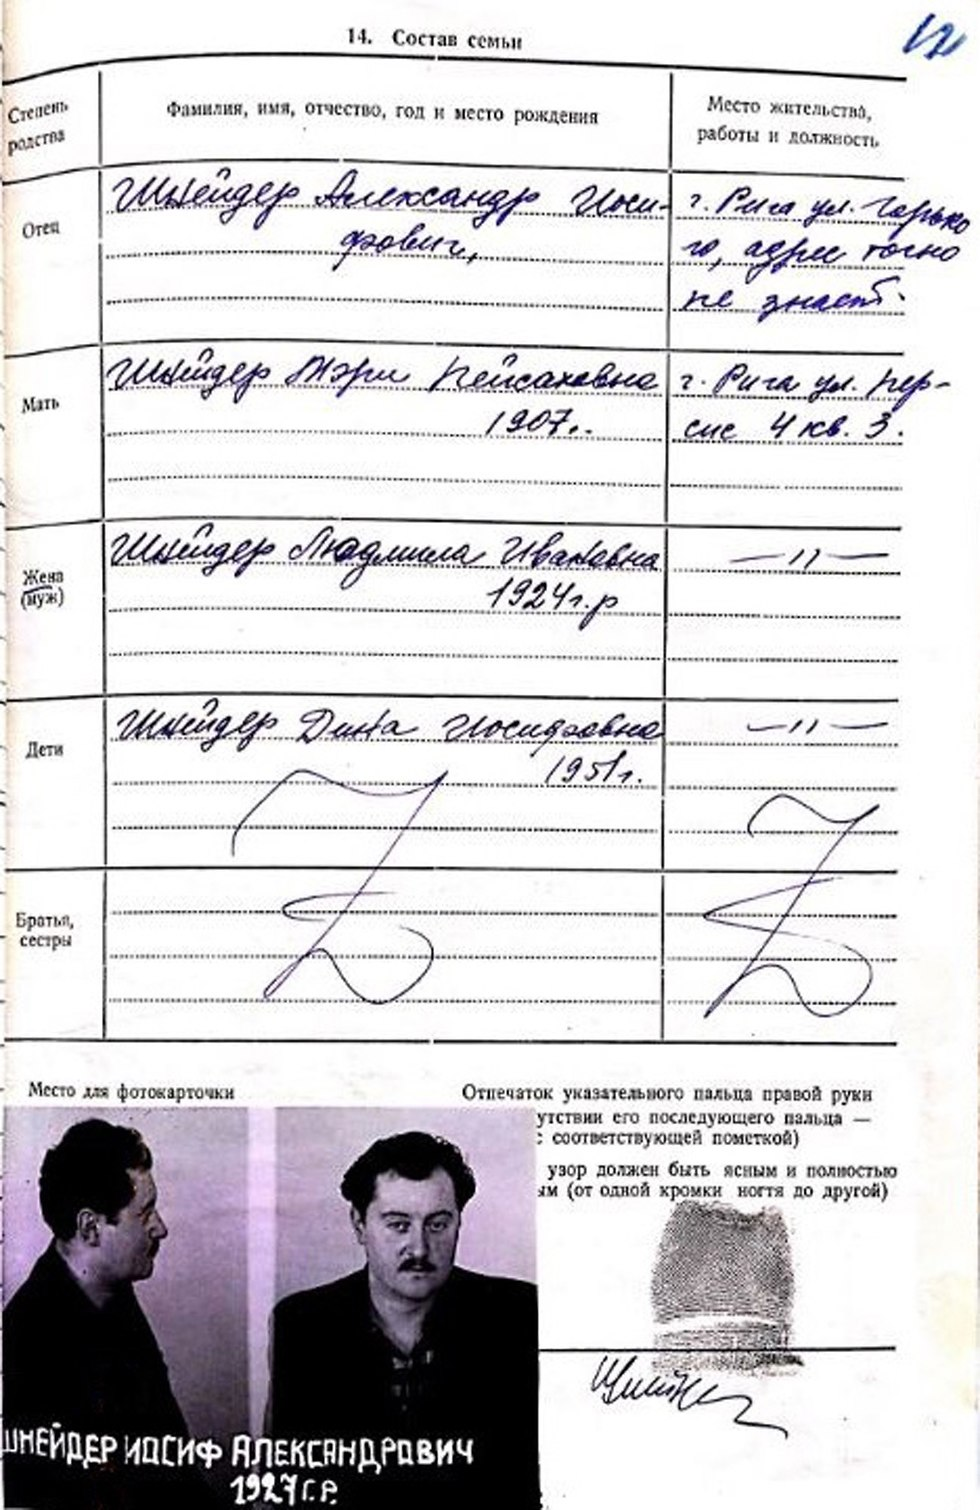 תיקו של יוסף שניידר (צילום: יוסף שניידר, באדיבות ארכיון הספריה הלאומית)